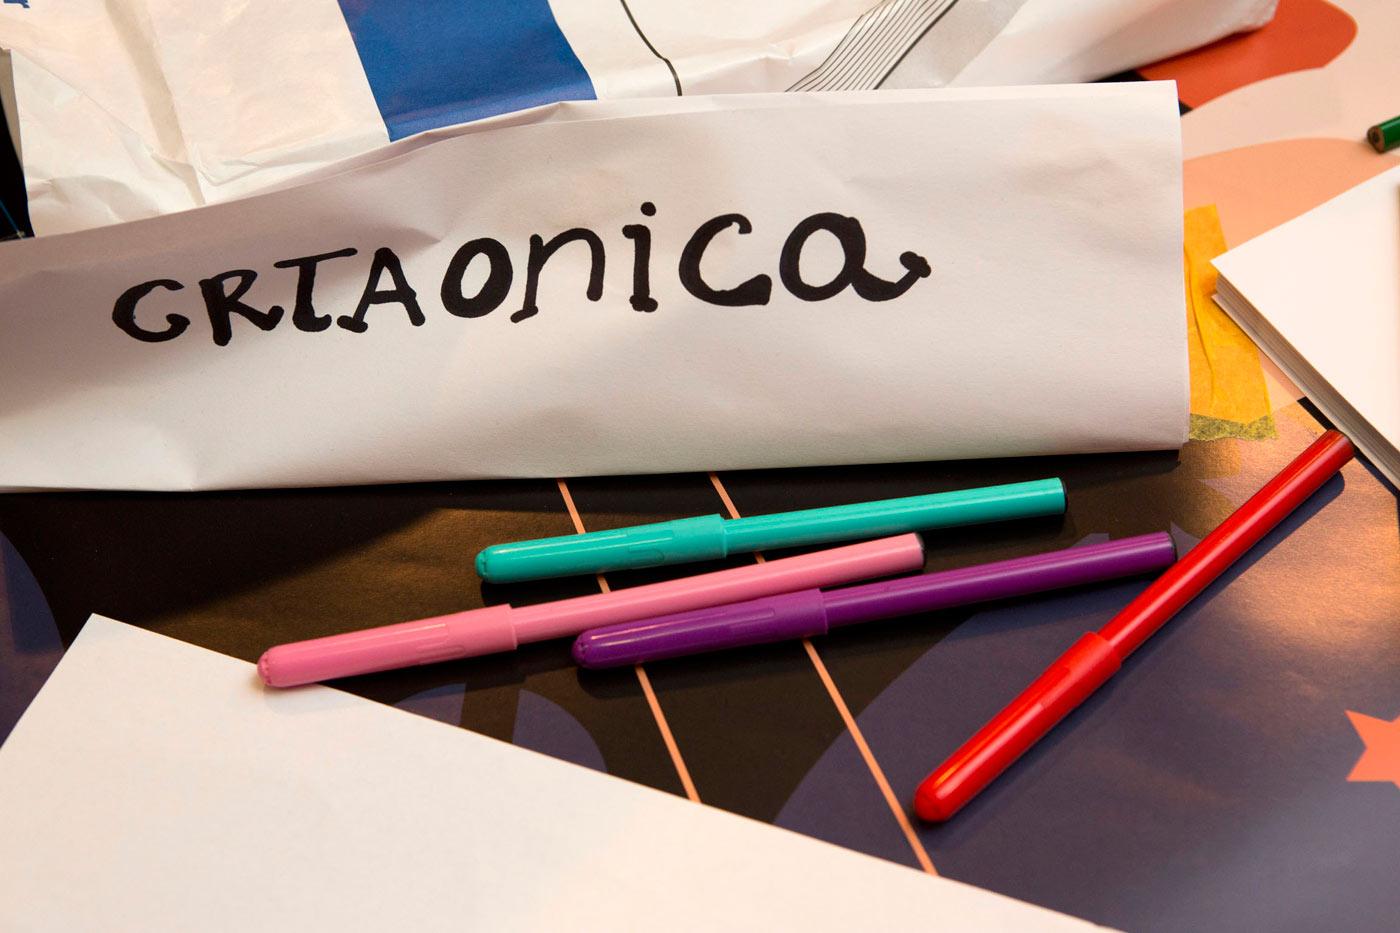 Radionica_189